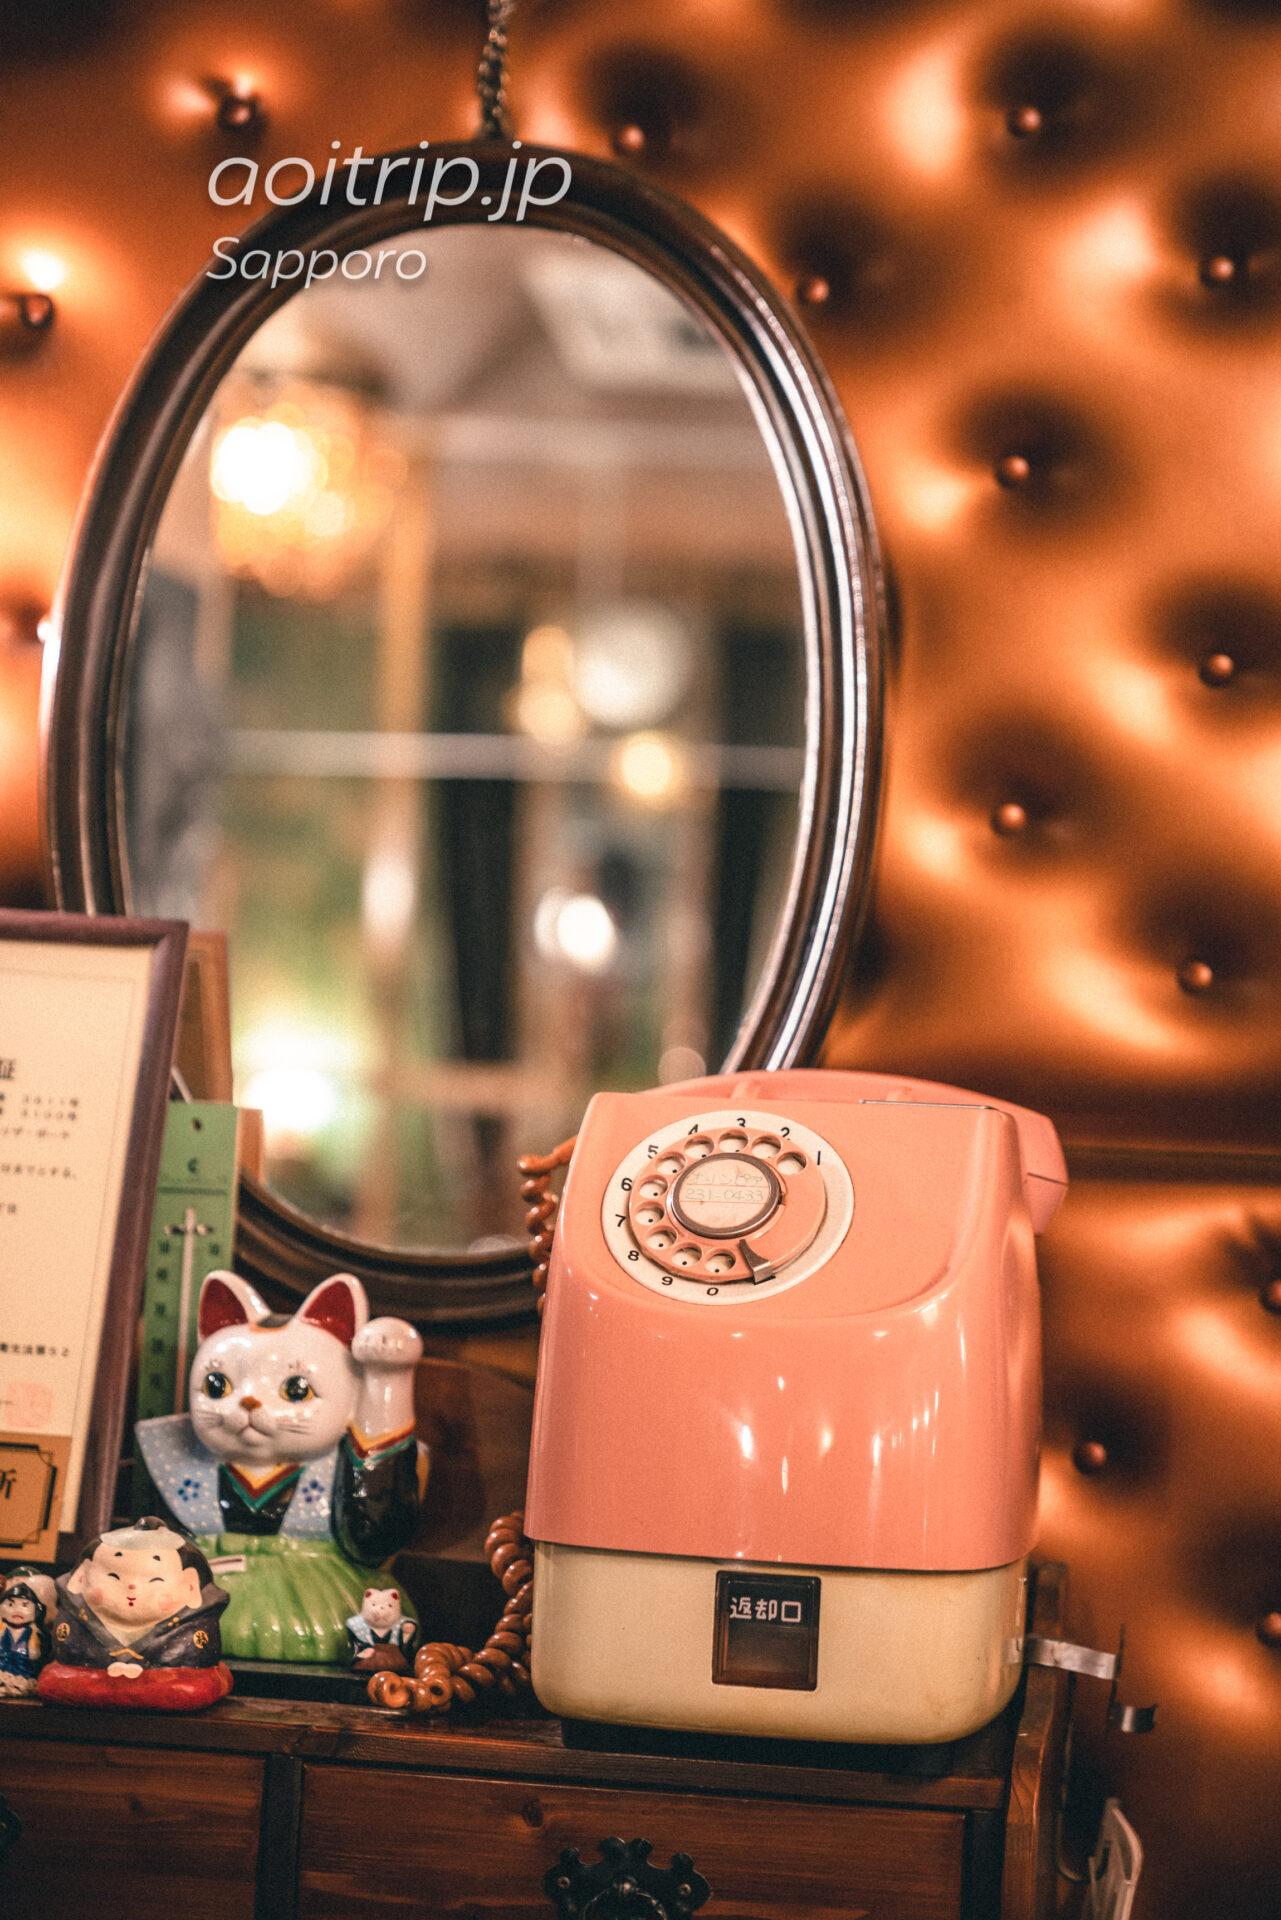 札幌 純喫茶オリンピアのピンクのレトロな電話